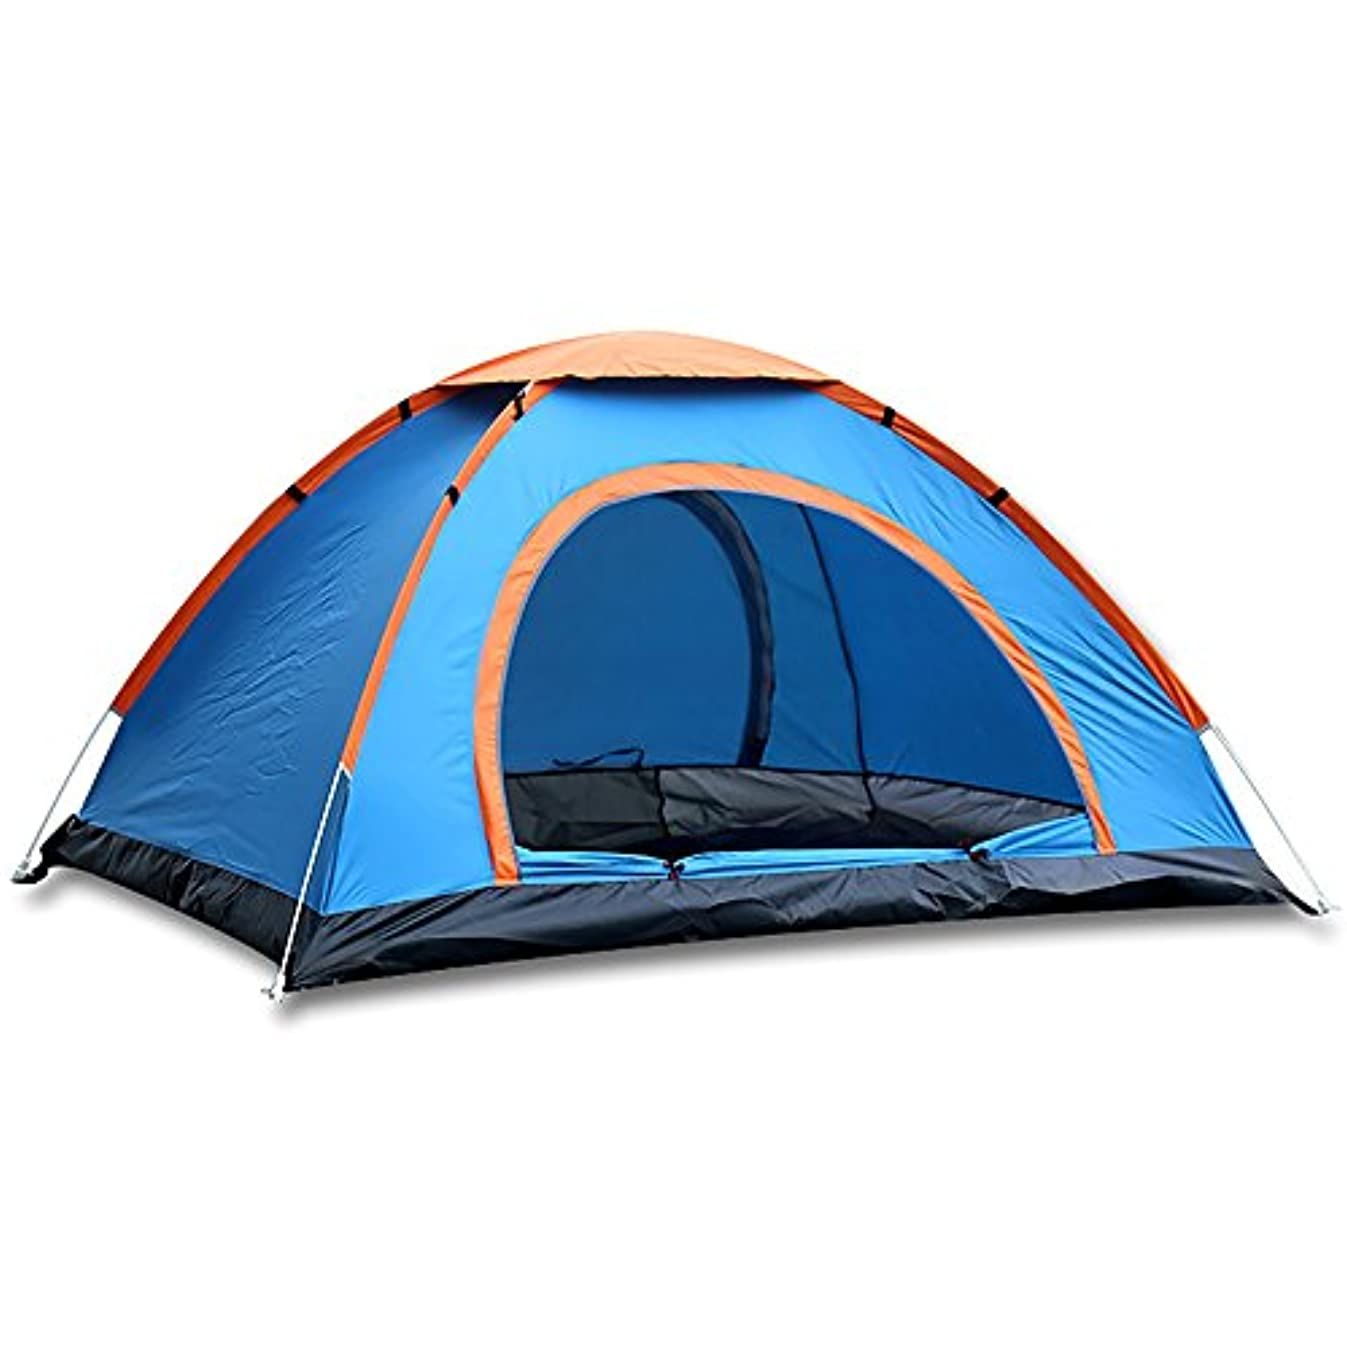 下向き感謝するシルエットMengshen キャンプテント ドームテント 設営簡単 撥水加工 高通気性 紫外線カット収納ケース付 MS-A34 Blue